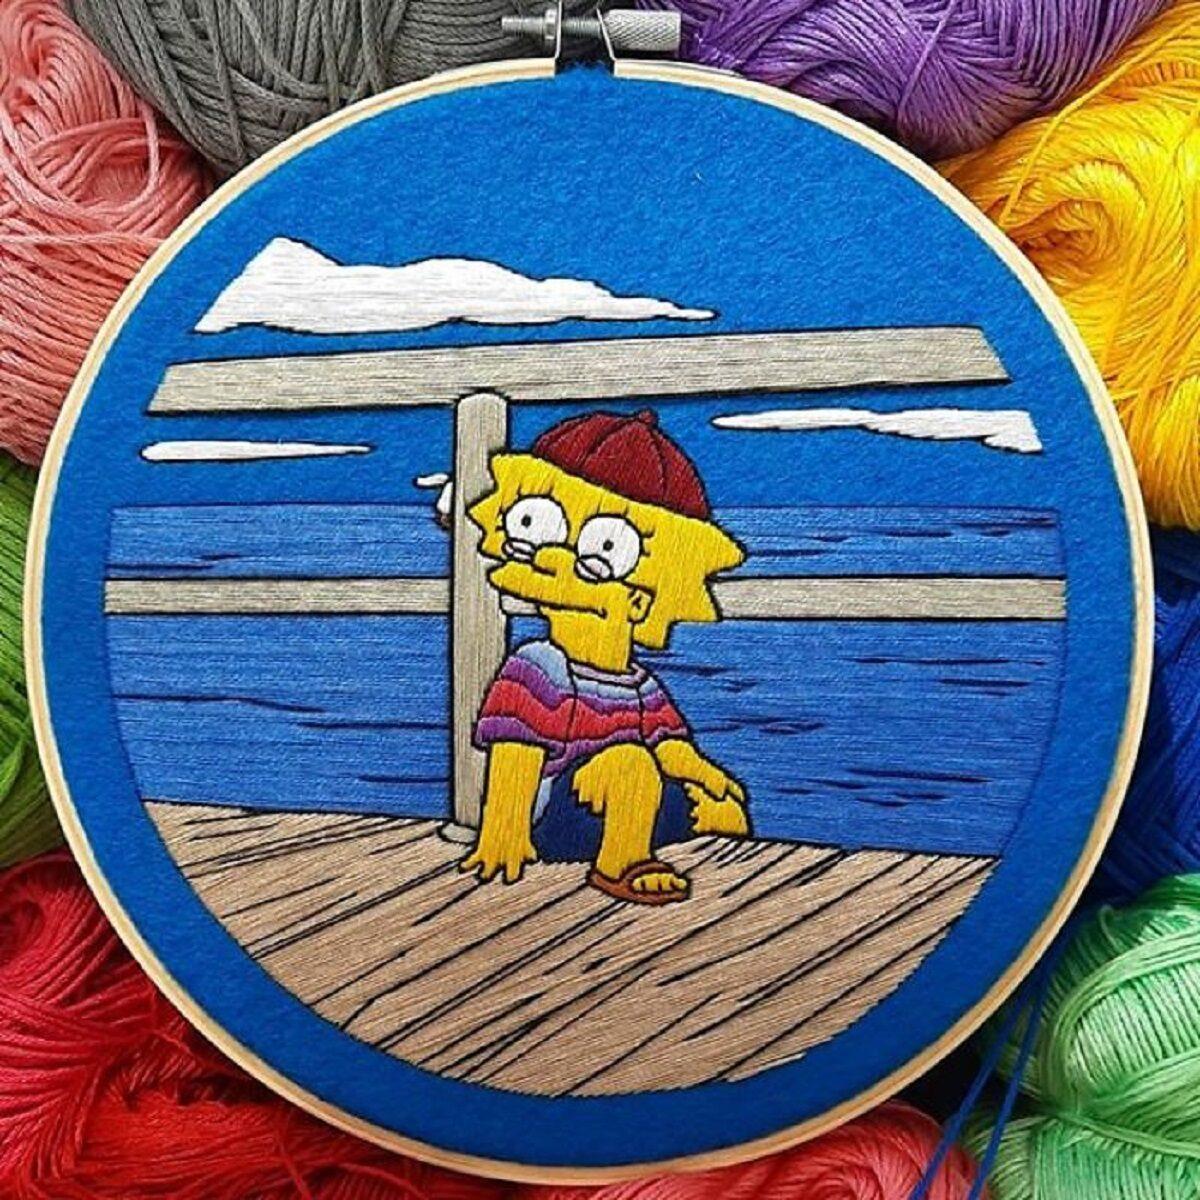 Artista Gabriela Martinez cria bordados de cenas de Os Simpsons 26